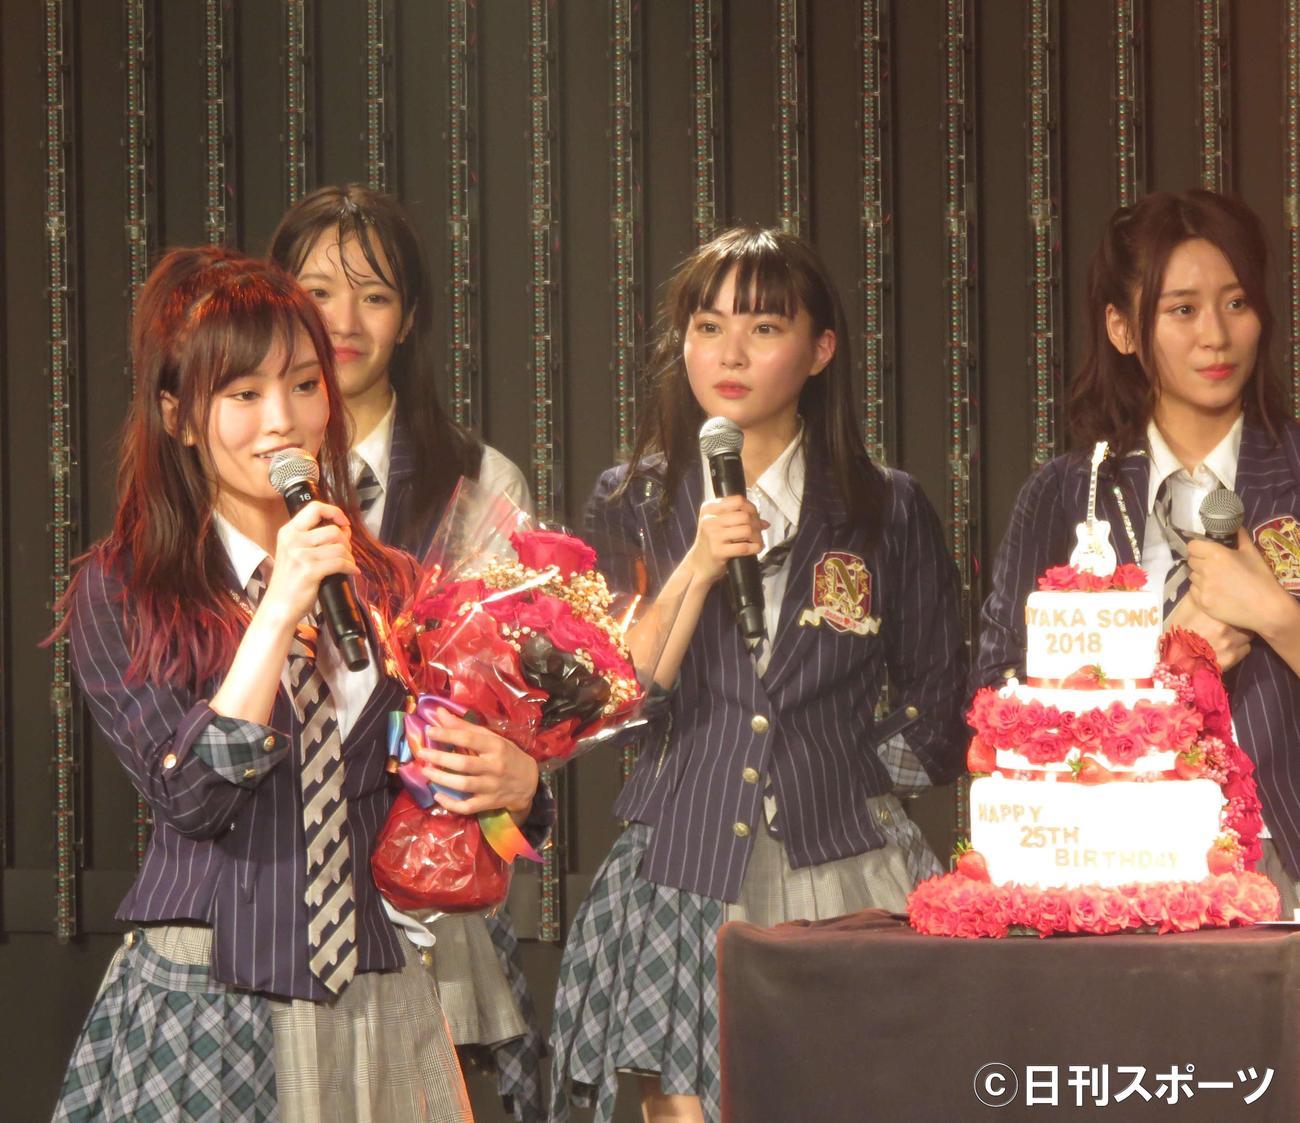 太田夢莉が誓った「さやかちゃんも私が守りたい」 - AKB48 : 日刊スポーツ